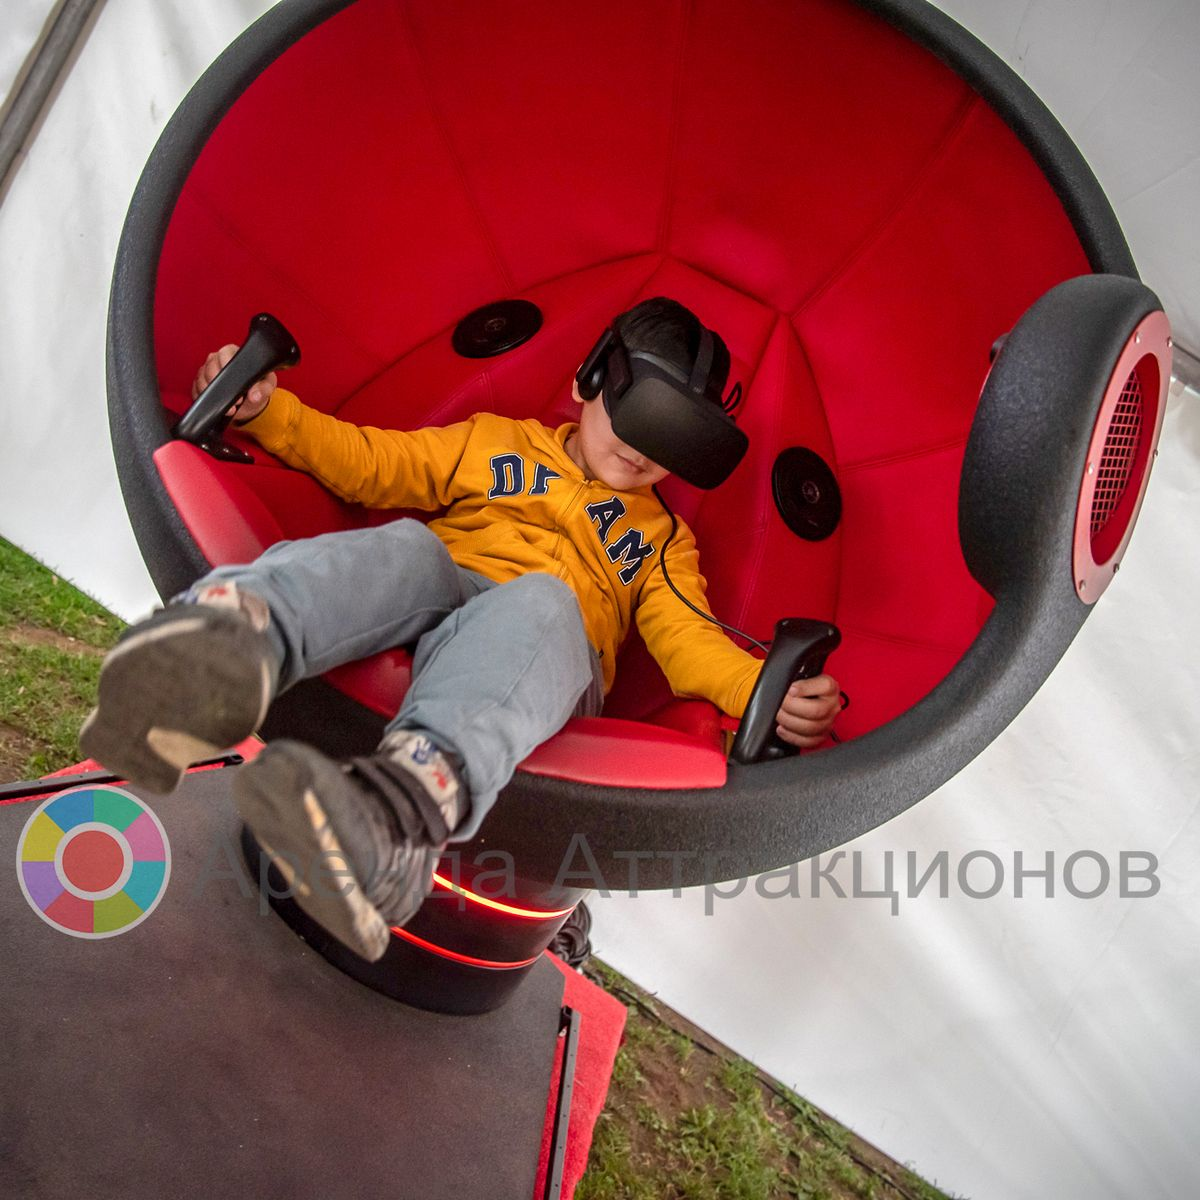 VR Шаттл аренда